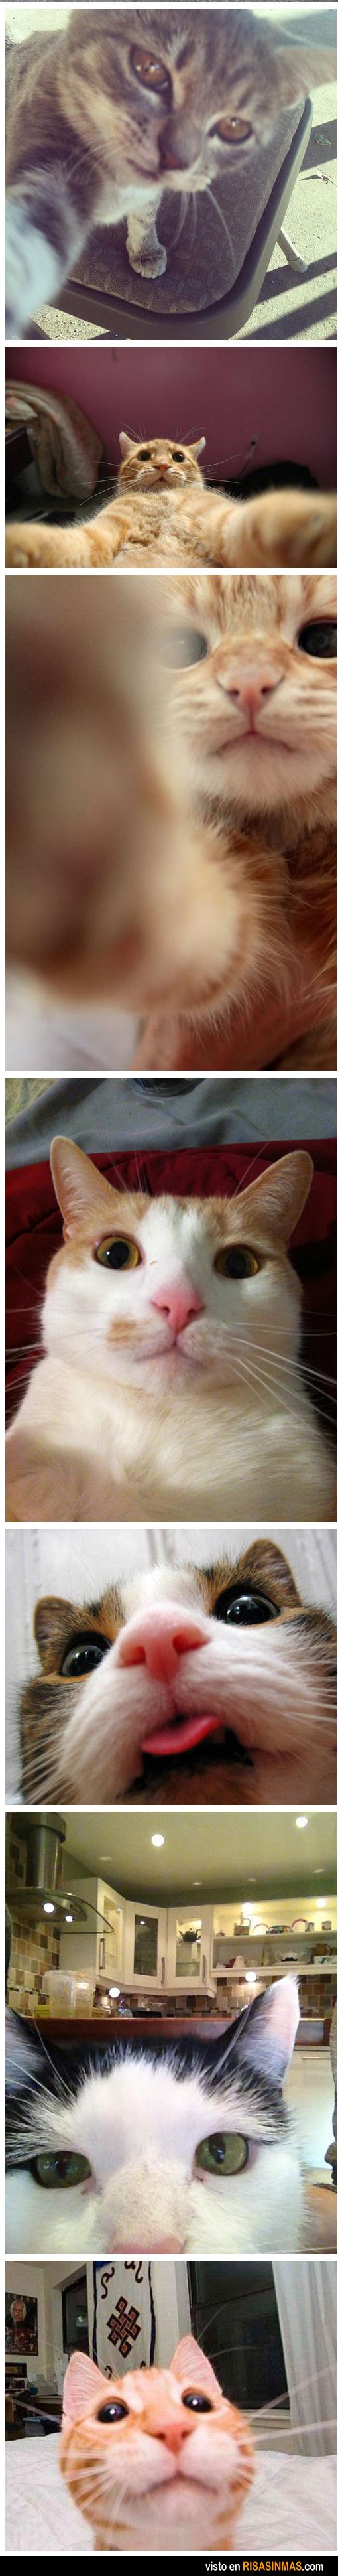 Gatos en Facebook